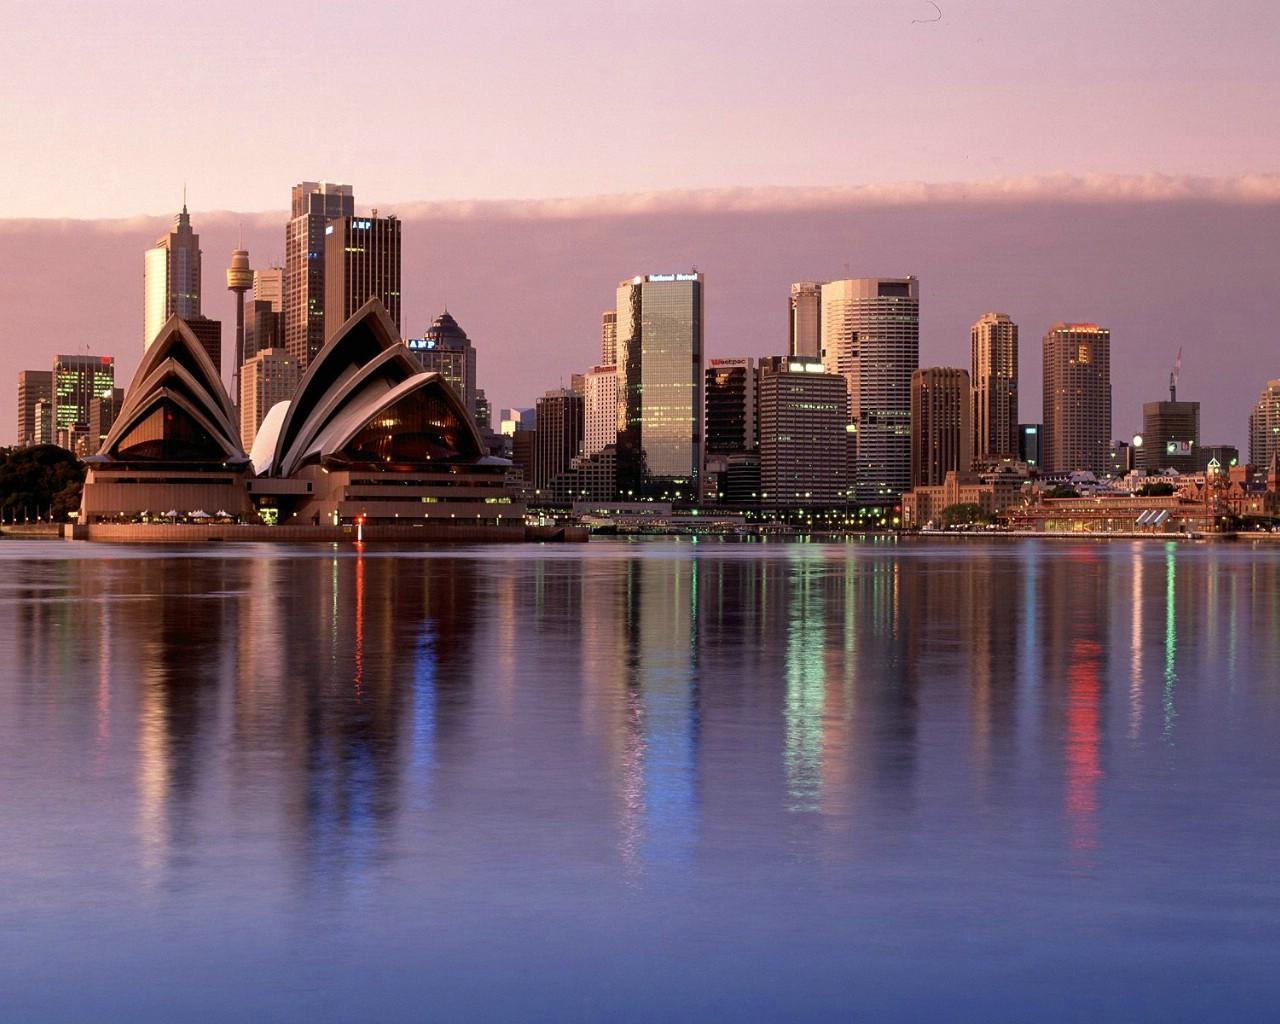 壁纸1280×1024澳大利亚特色美丽风景壁纸